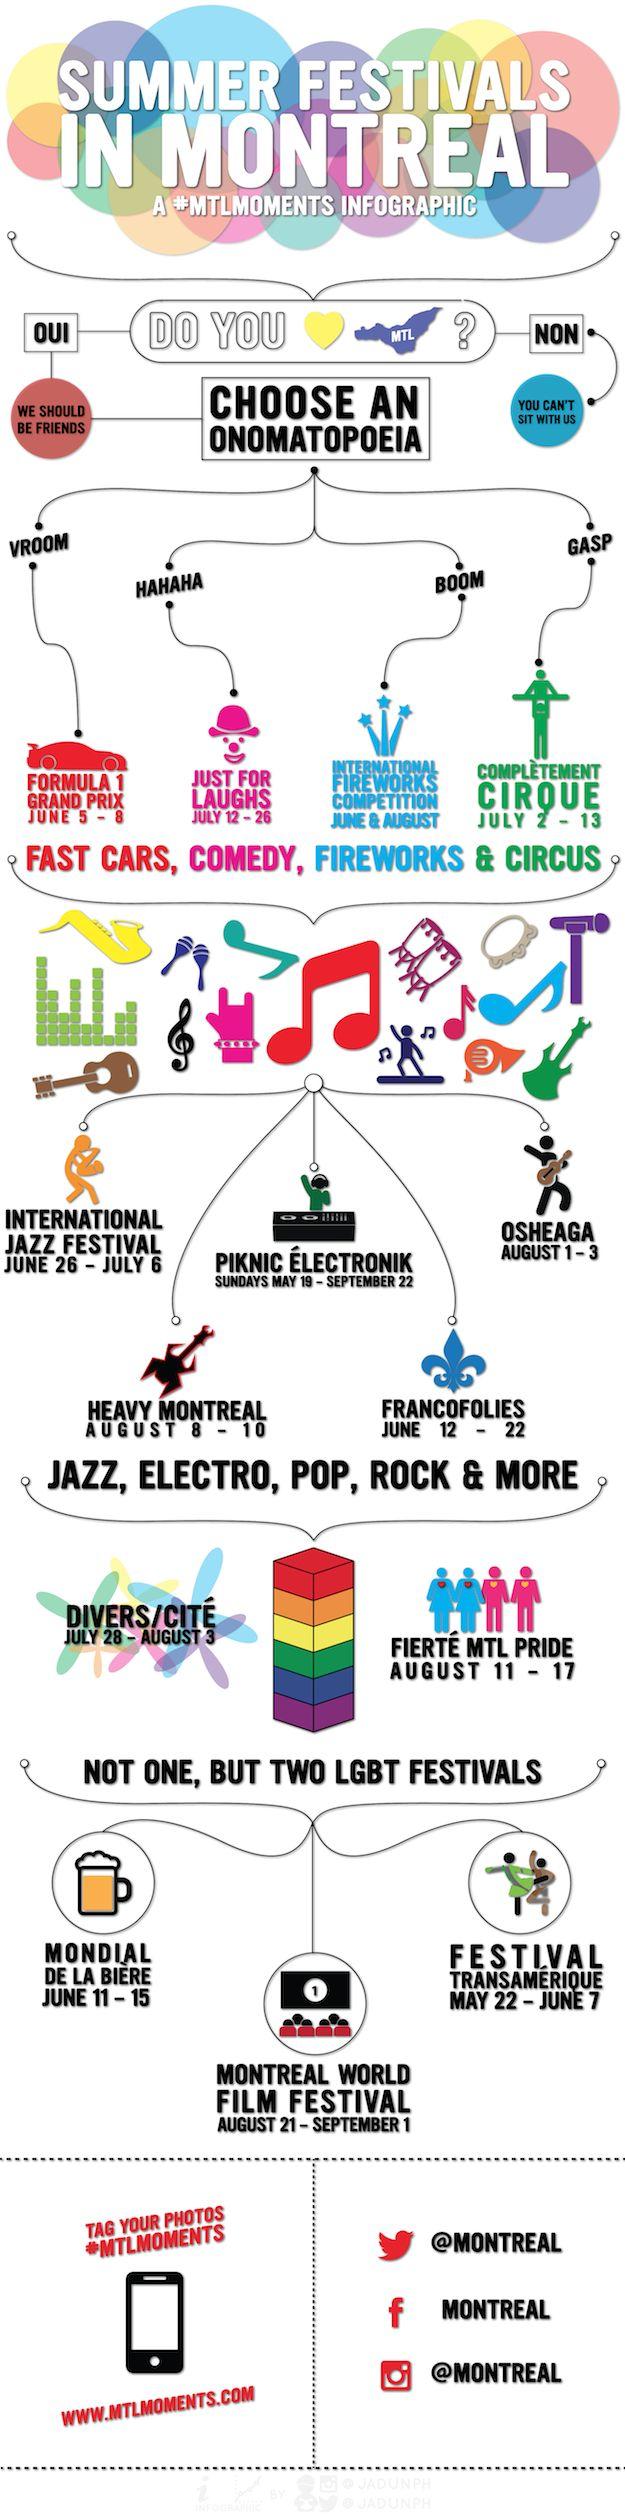 #MTLMOMENTS Infographic: Summer Festivals in Montreal - Tourisme Montréal Blog